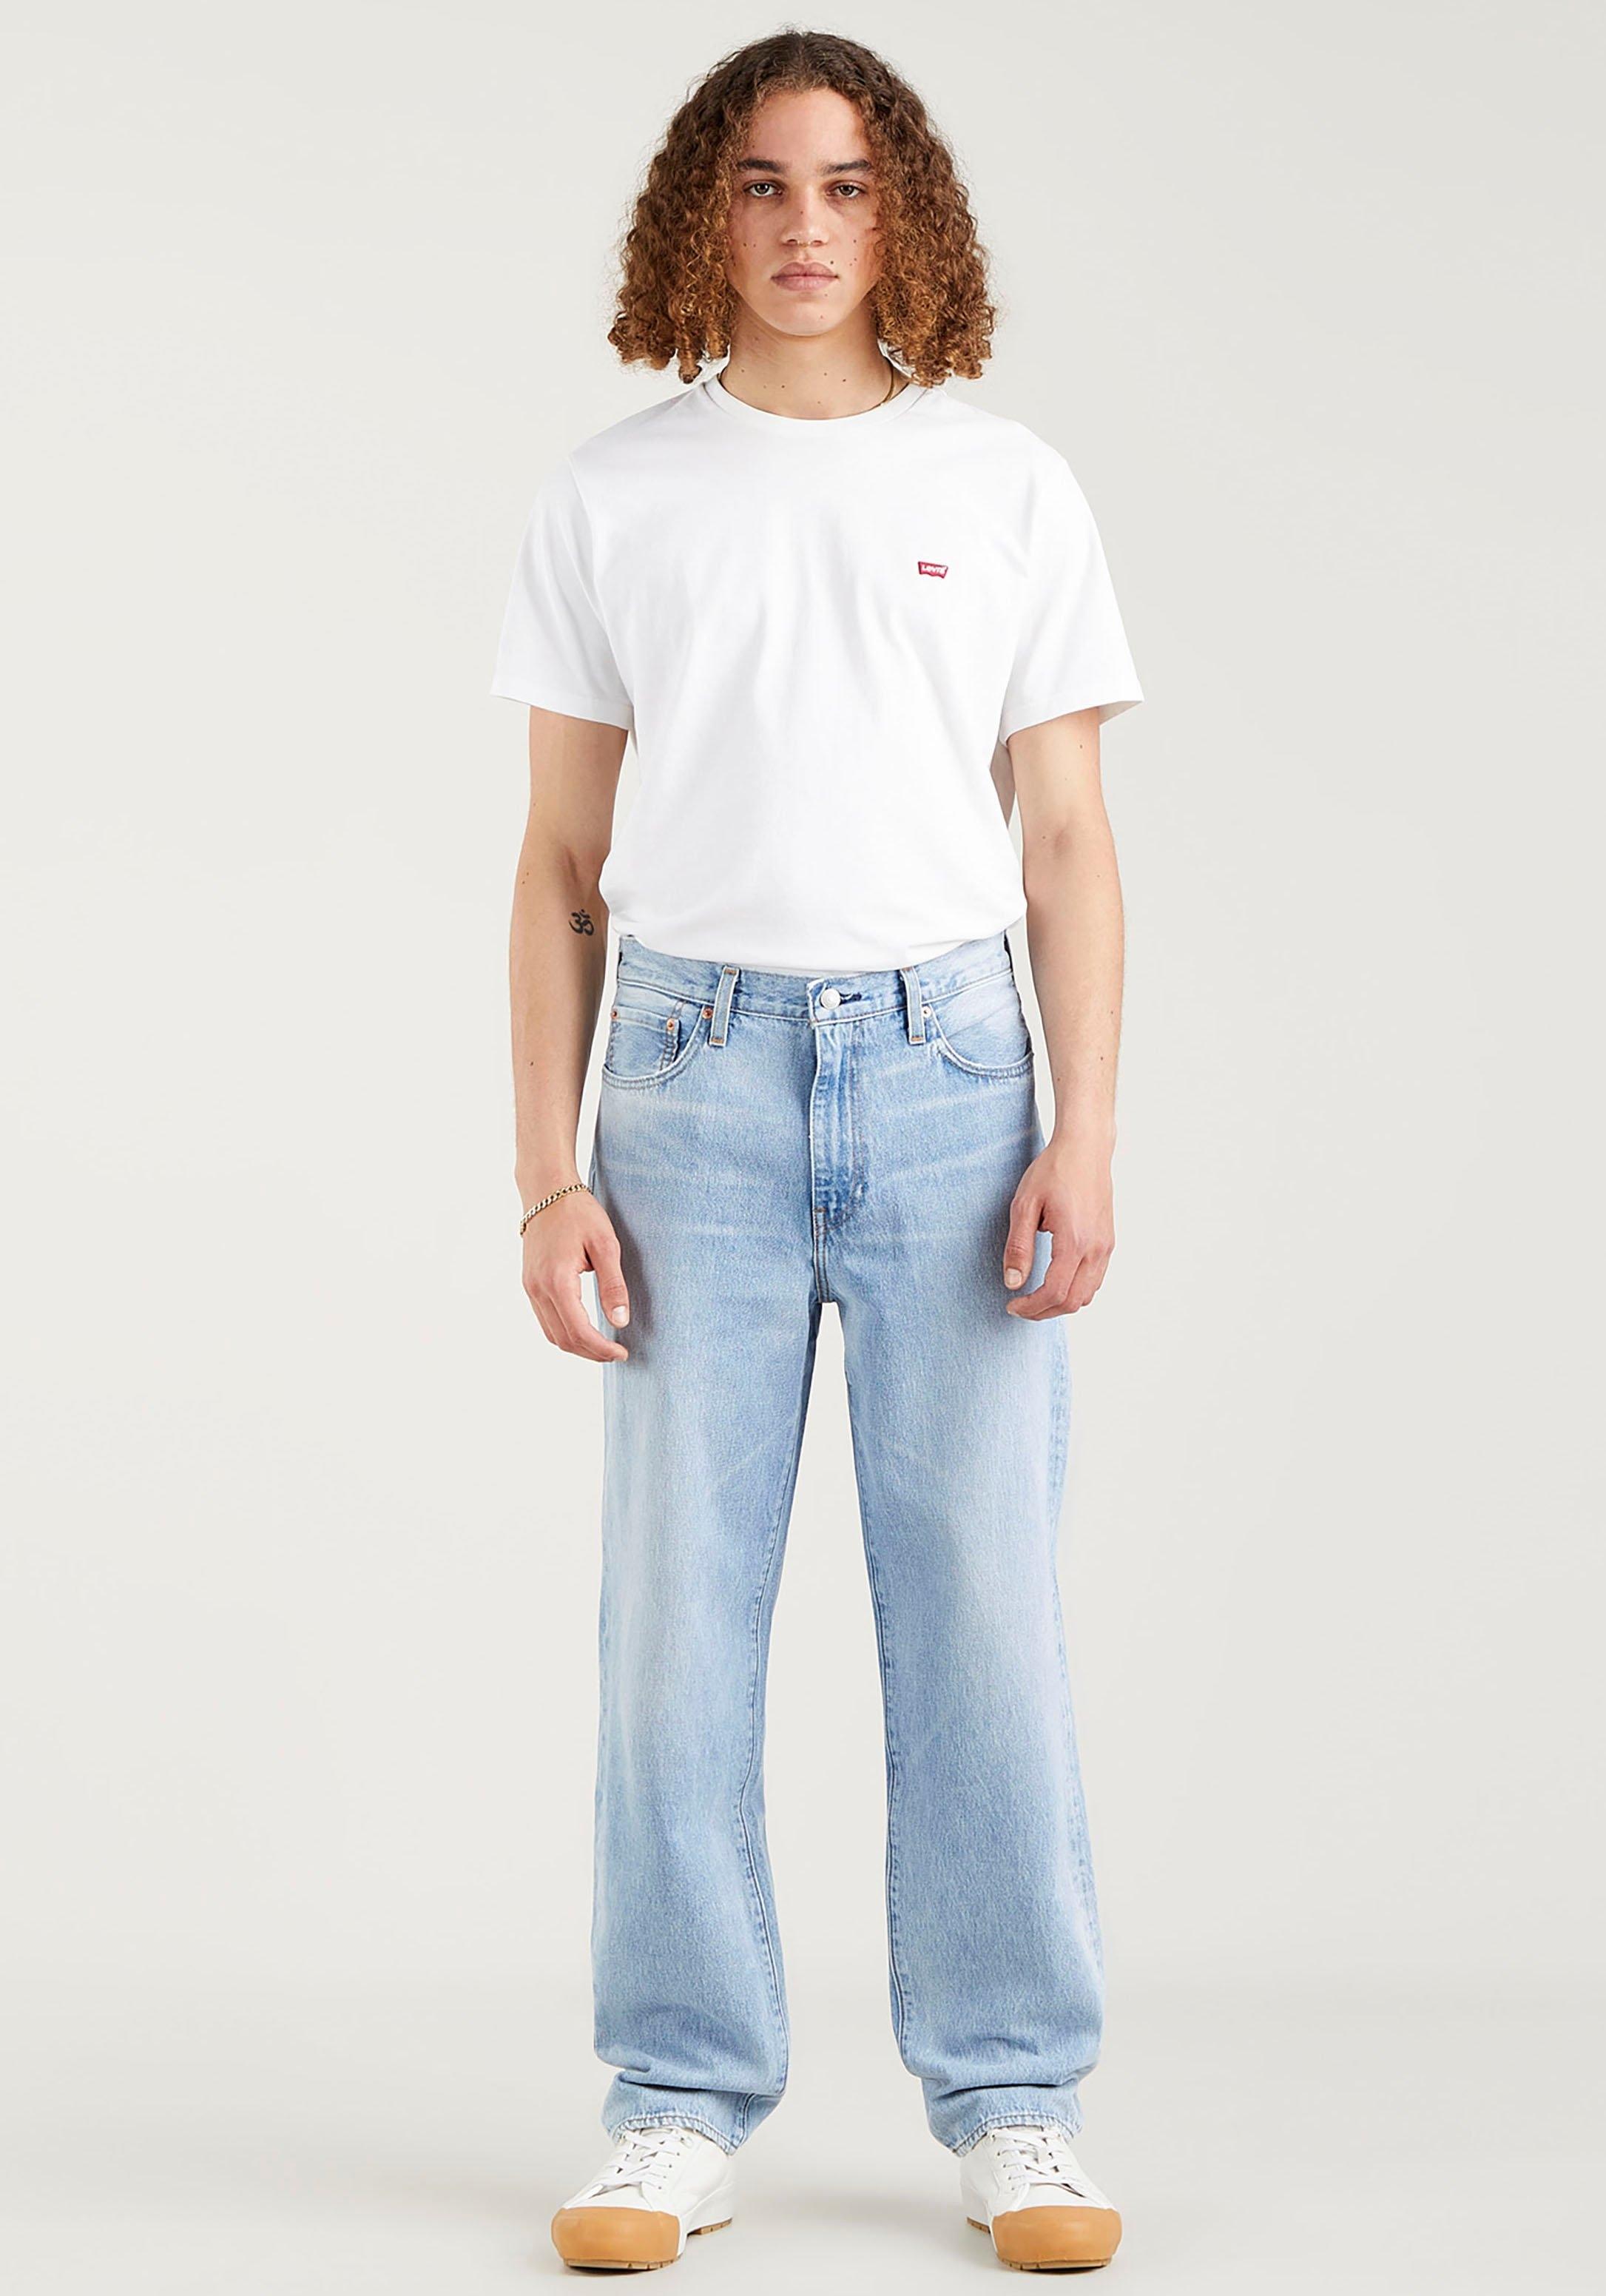 Levi's 5-pocketsjeans LE Jeans STAY LOOSE DENI met merklabel goedkoop op otto.nl kopen